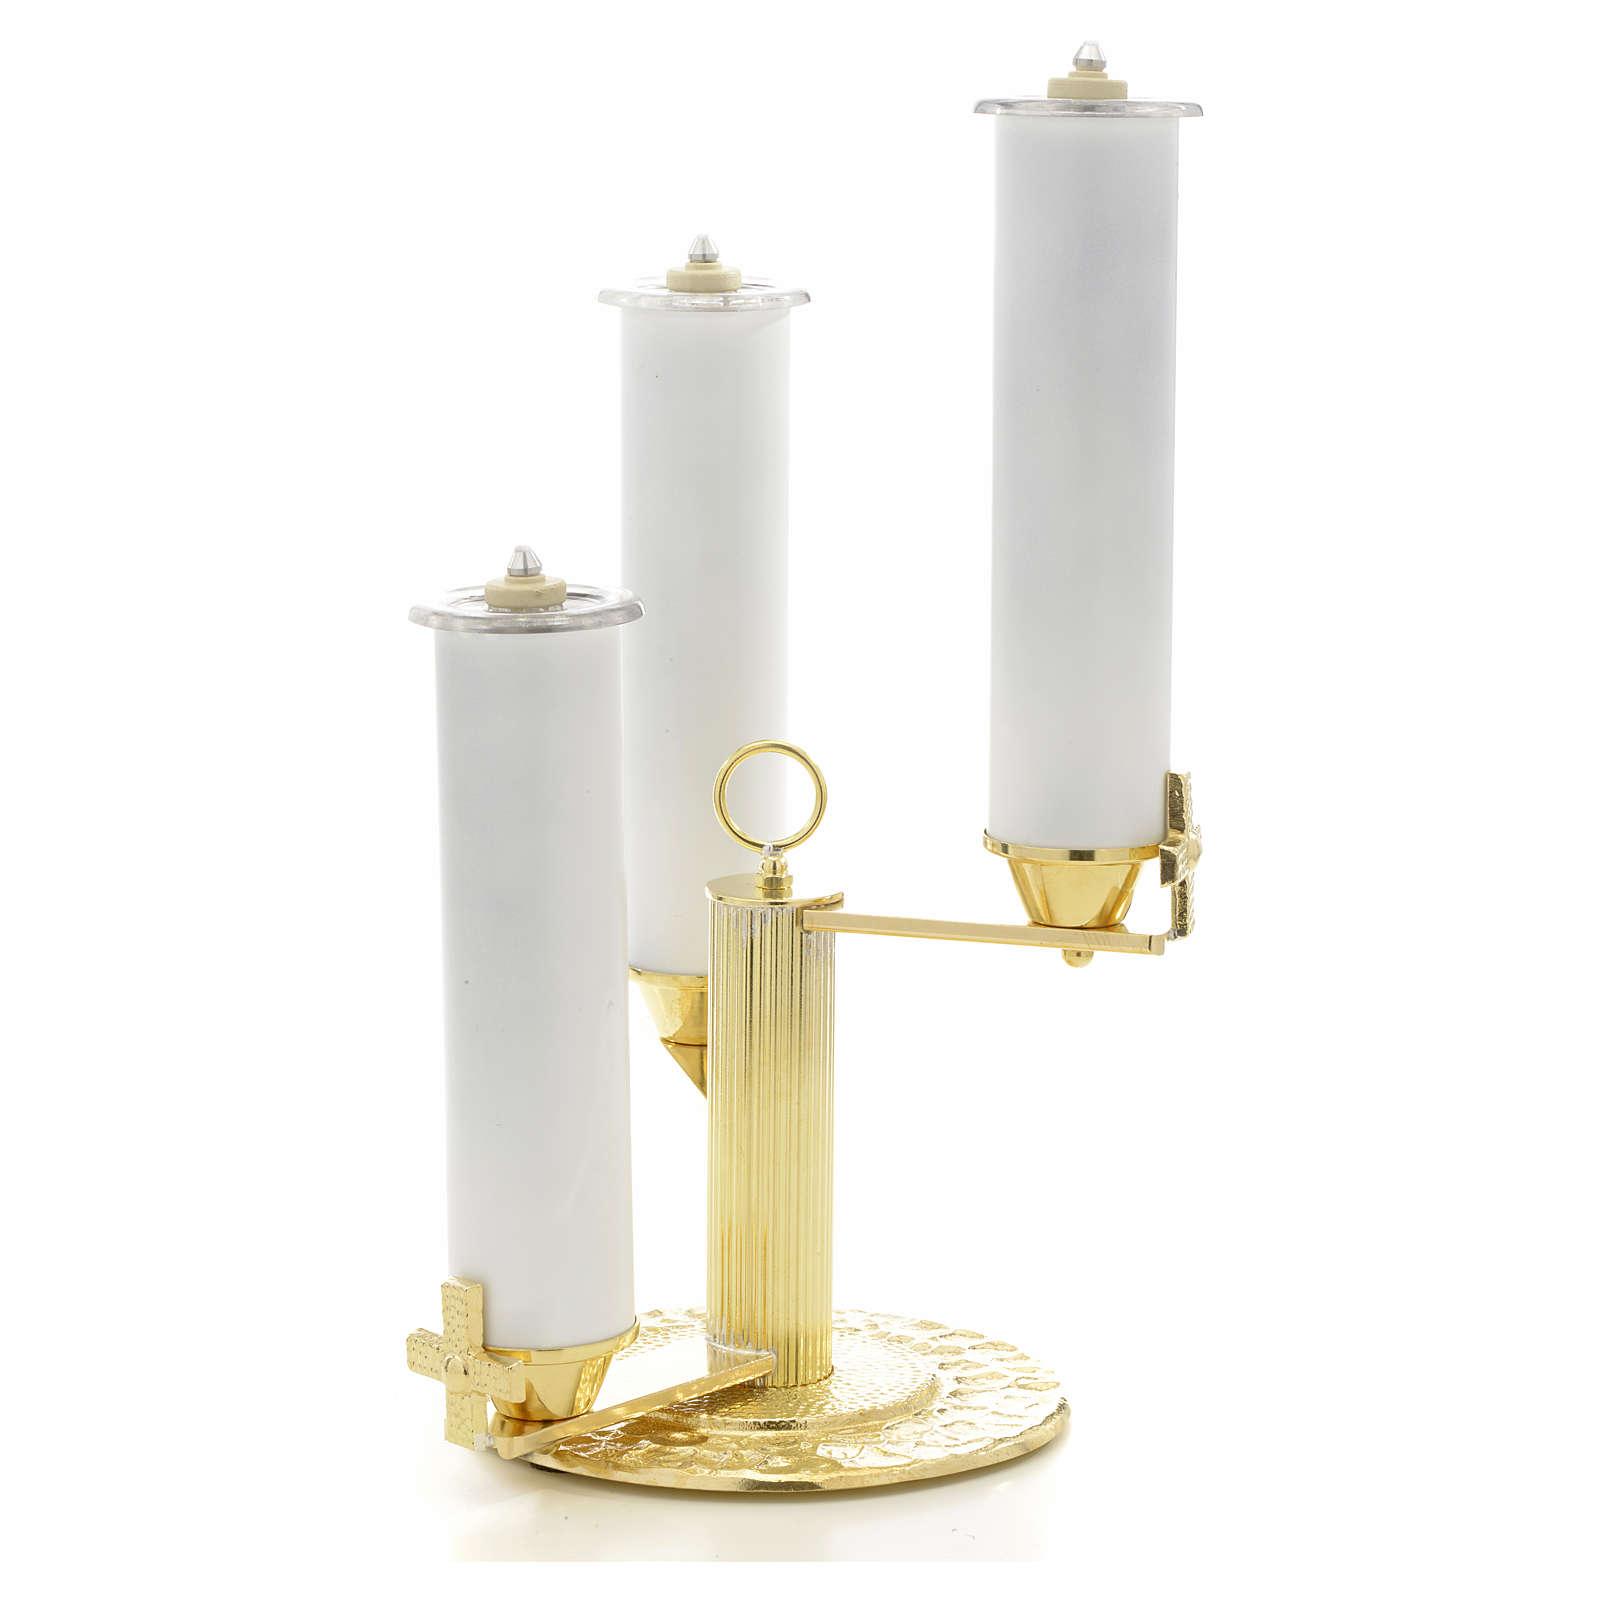 Candelabro 3 llamas bronce dorado 4